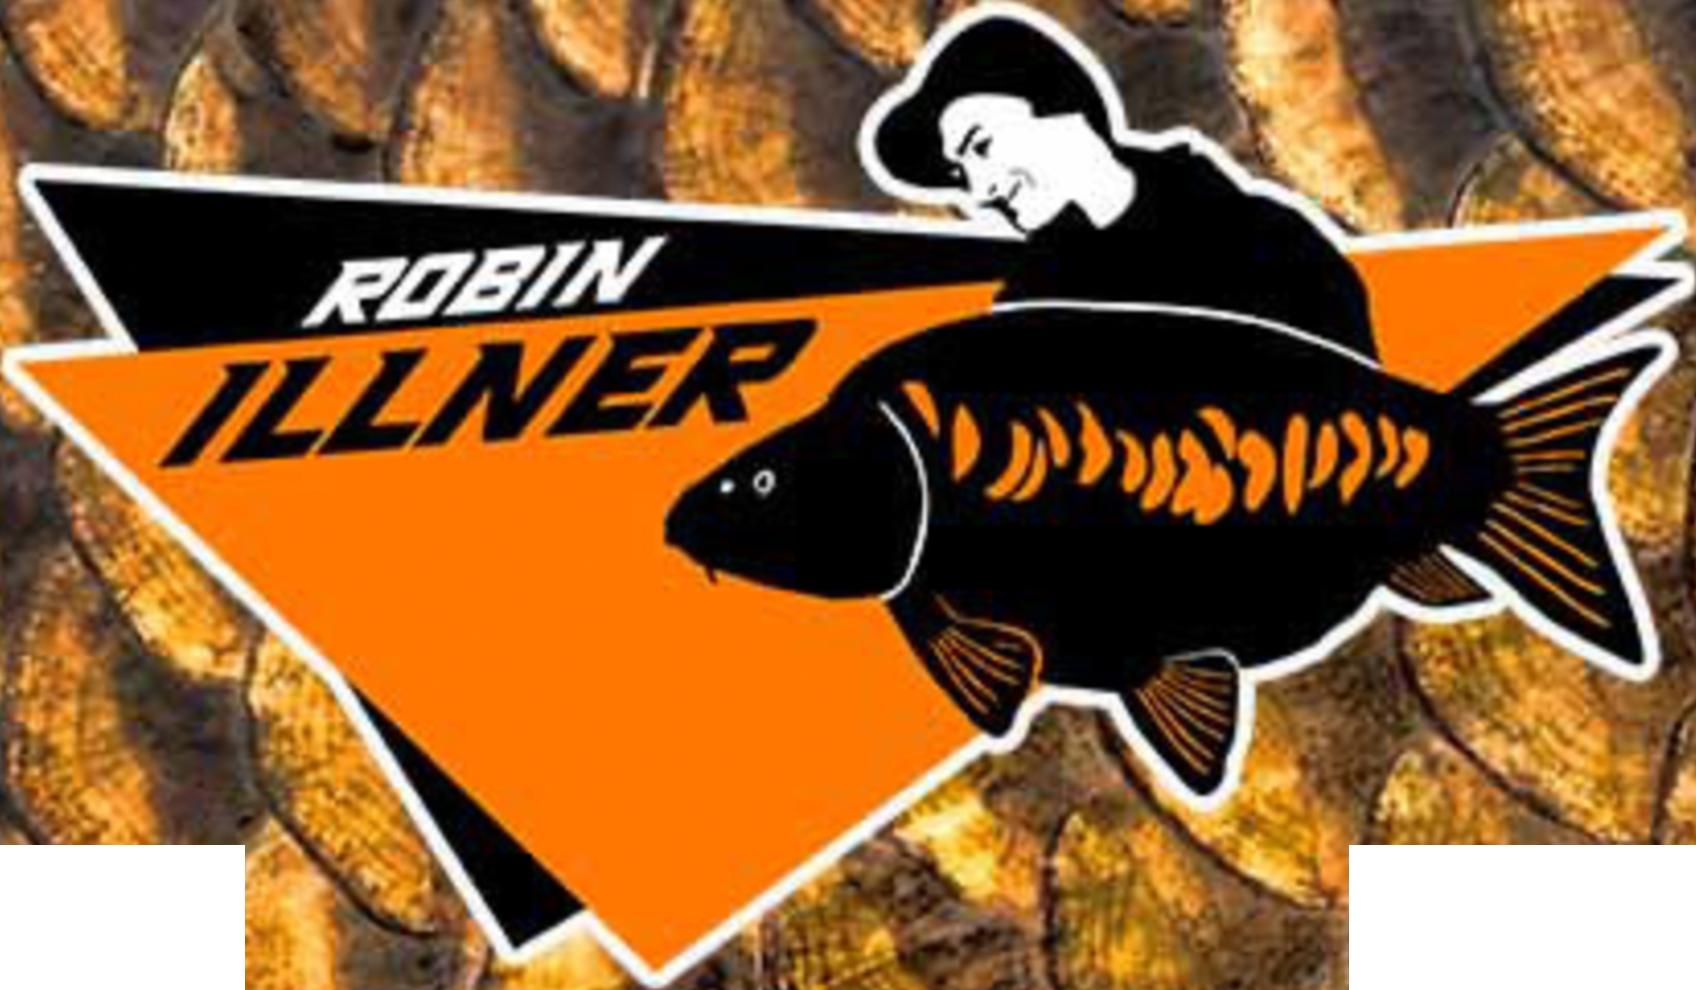 Robin Illner